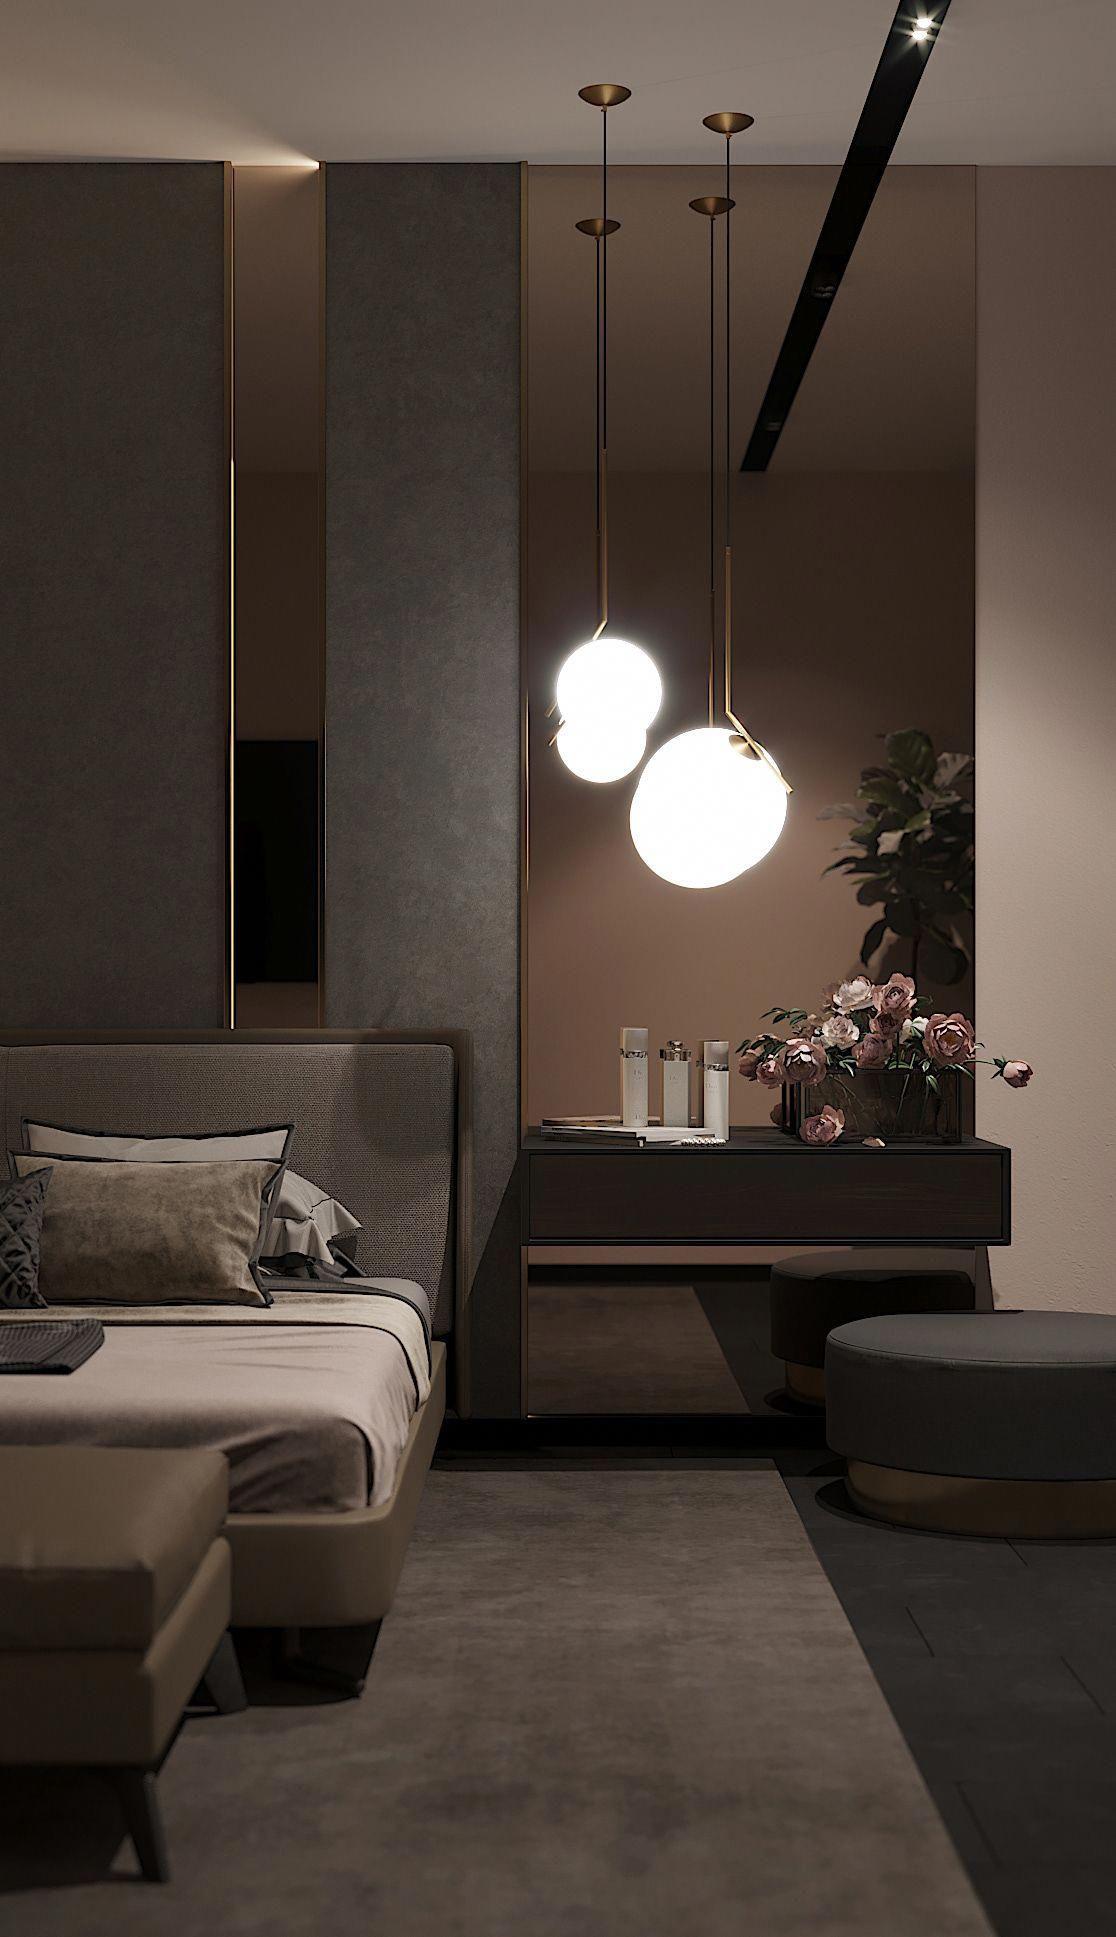 Italienische Möbel Klassische italienische Möbel